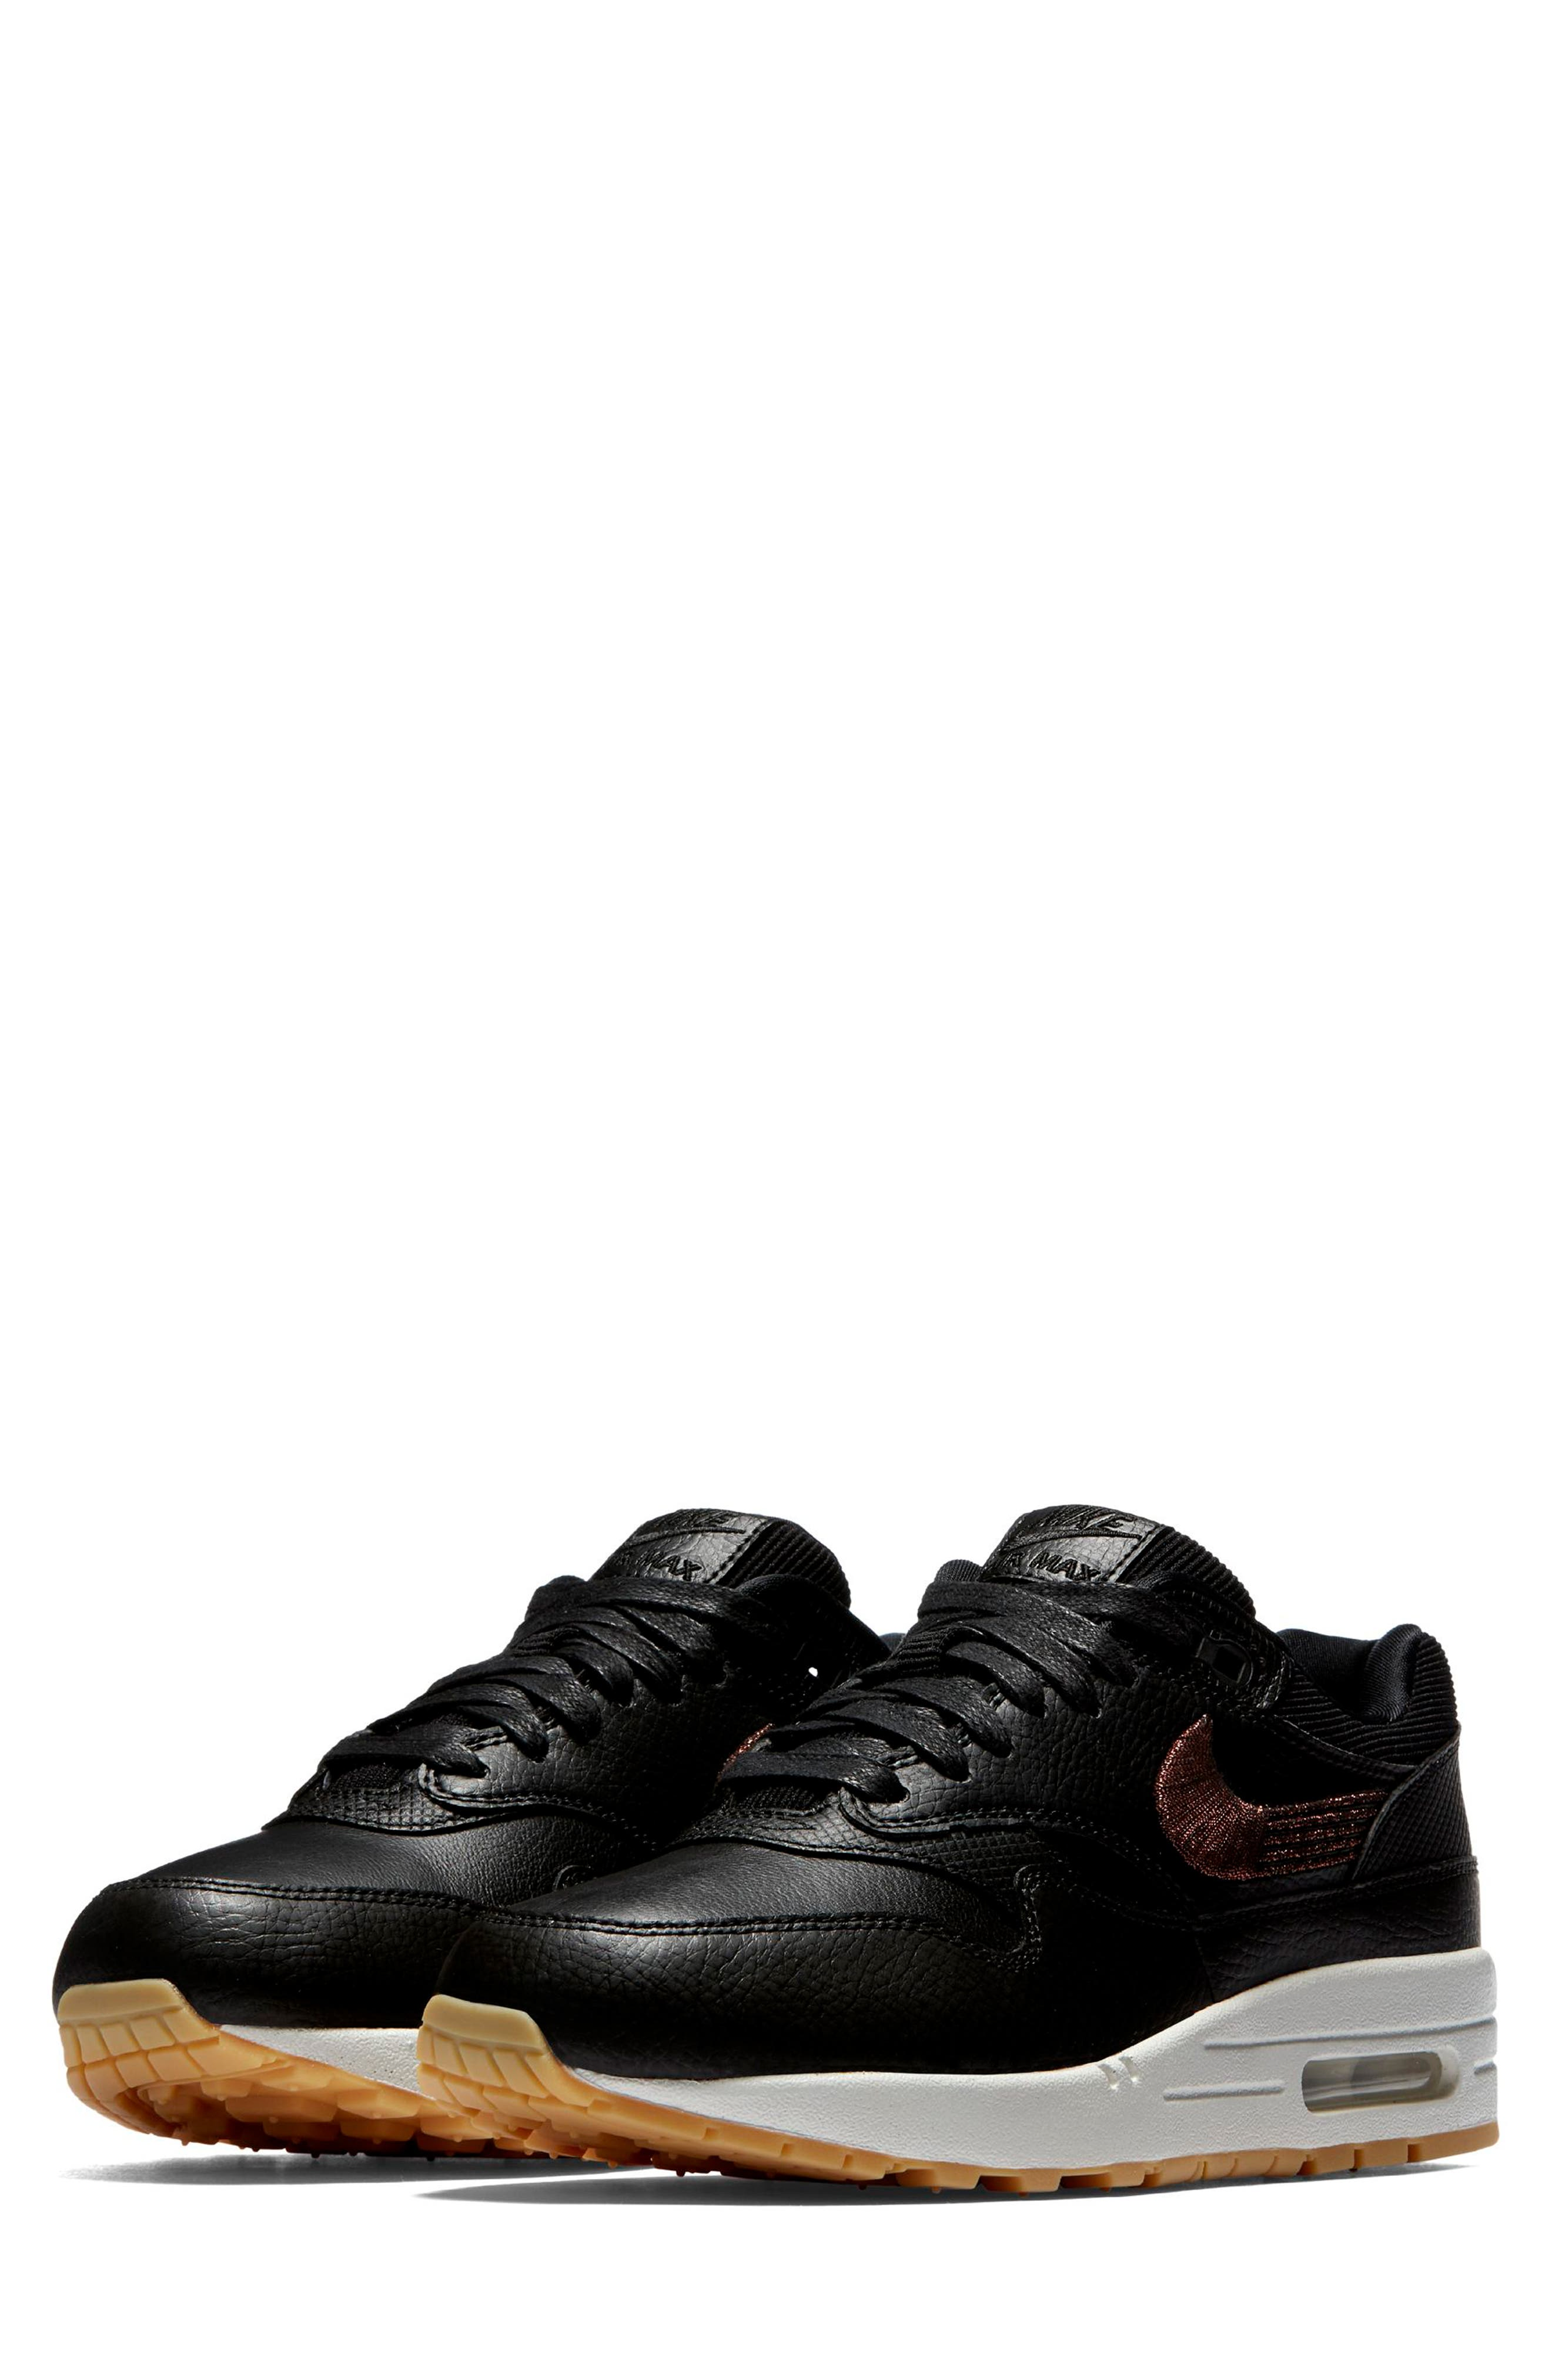 Air Max 1 Premium Sneaker,                             Main thumbnail 1, color,                             GREY